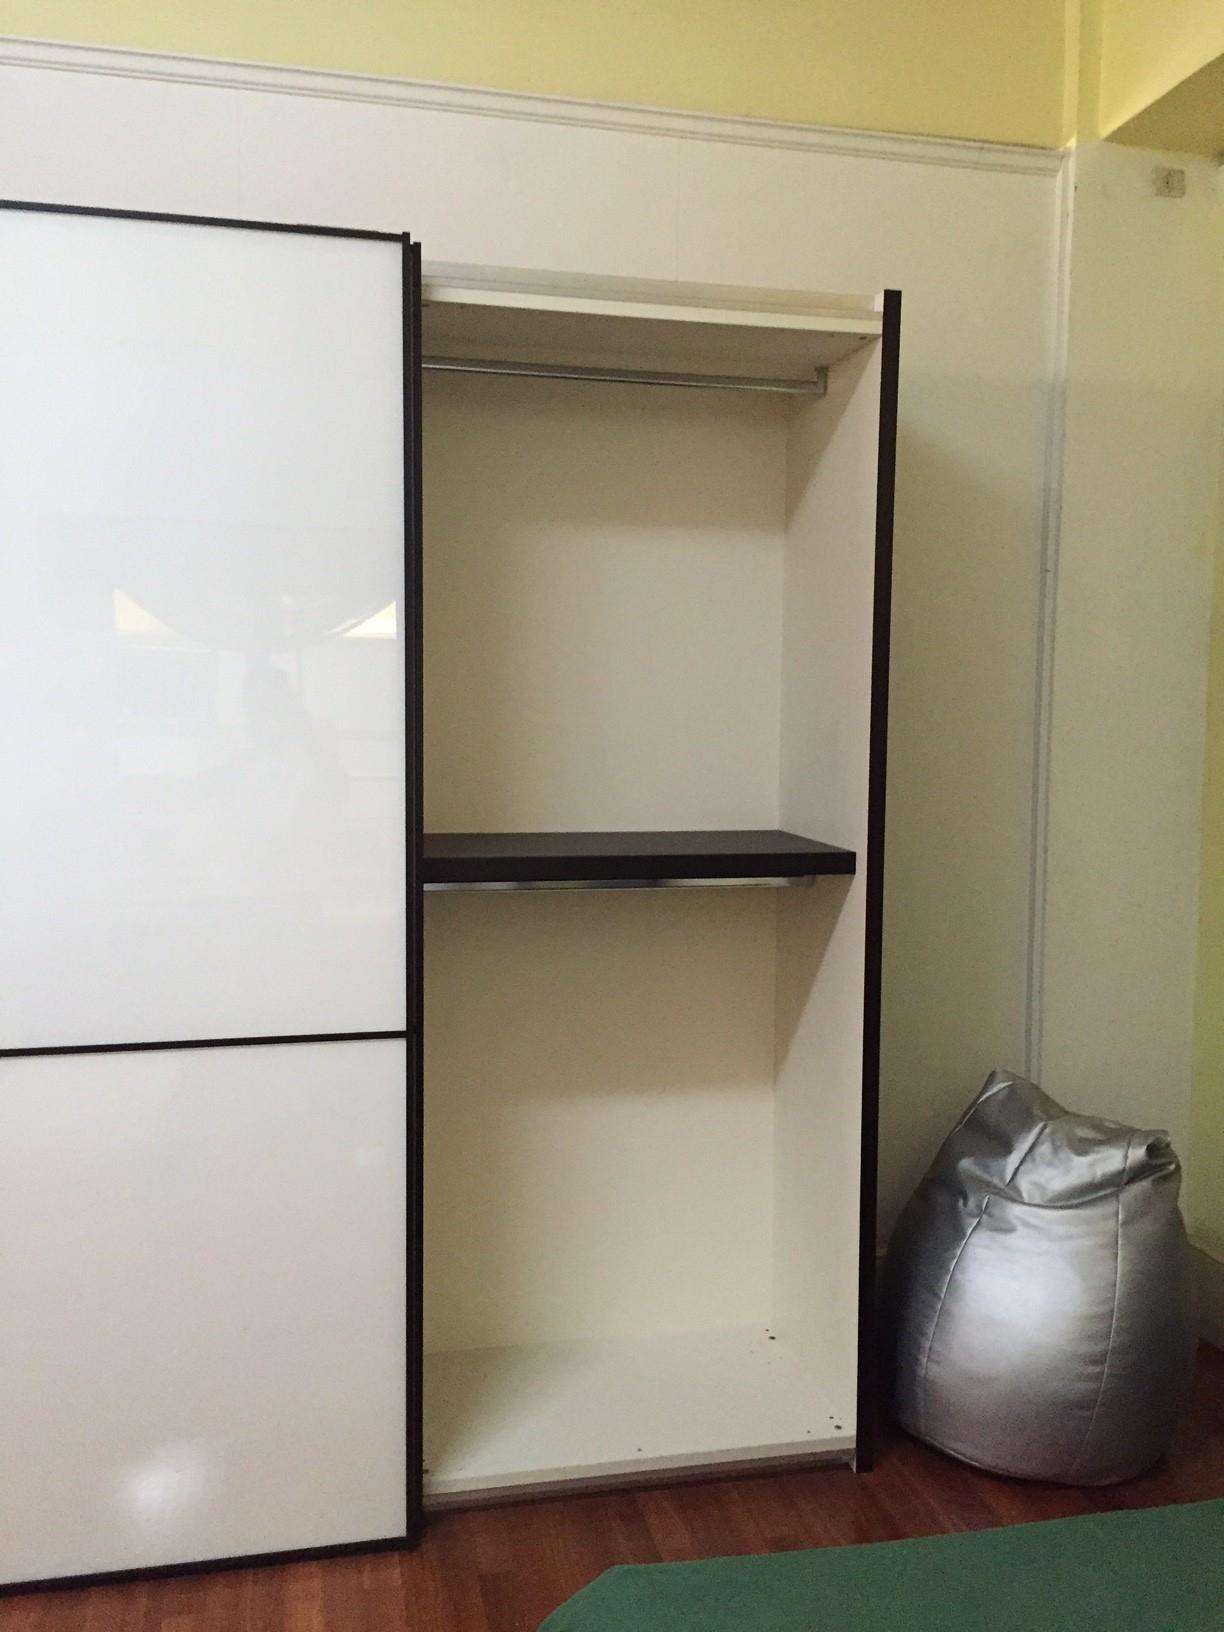 Pianca camera da letto completa armadio scorrevole for Camere da letto prezzi scontati